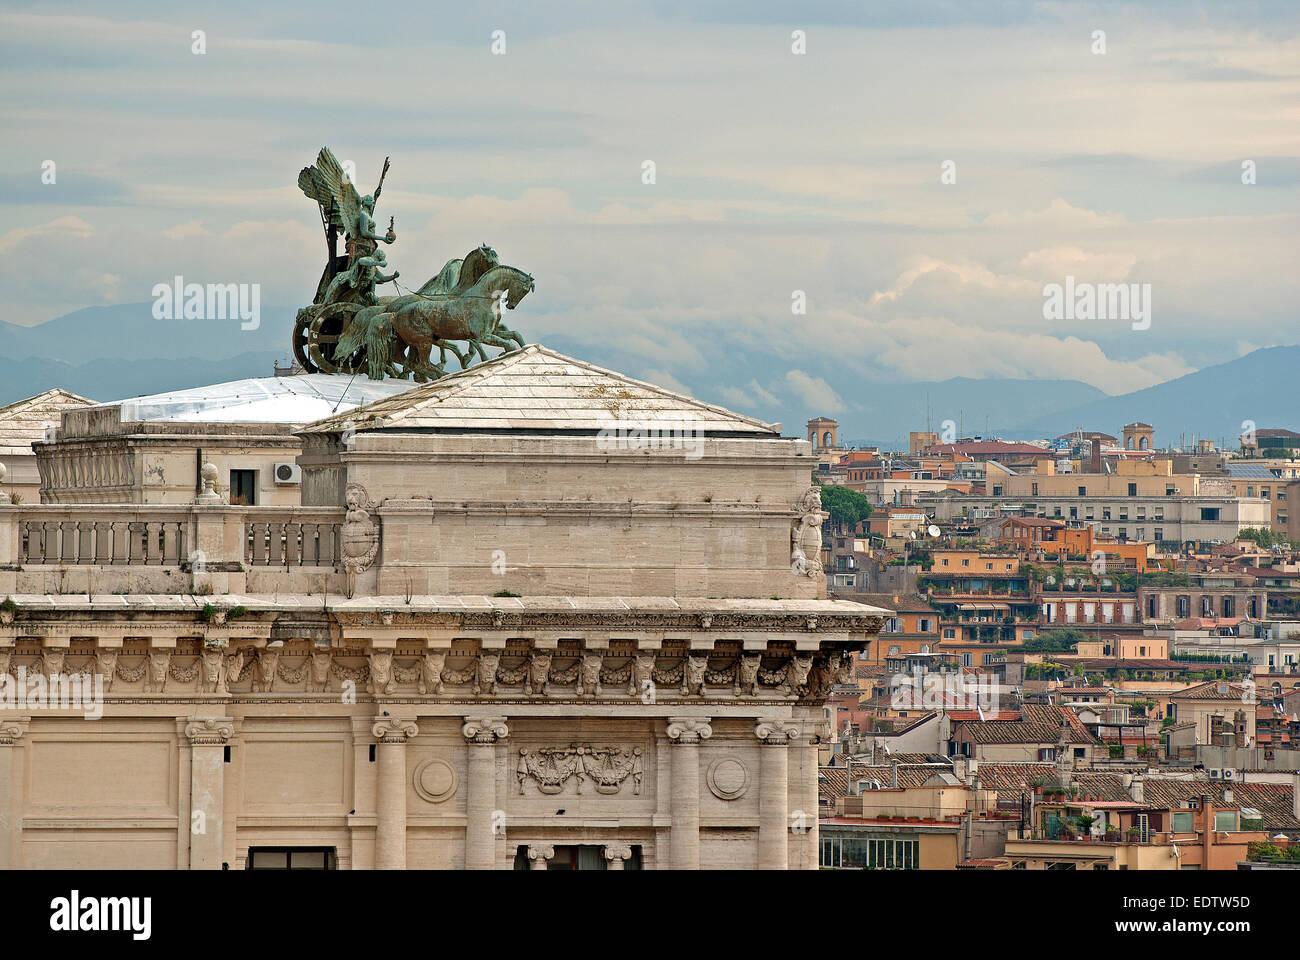 Altare della Patria with the Quadriga della Libertà, Piazza Venezia, Rome, Italy - Stock Image